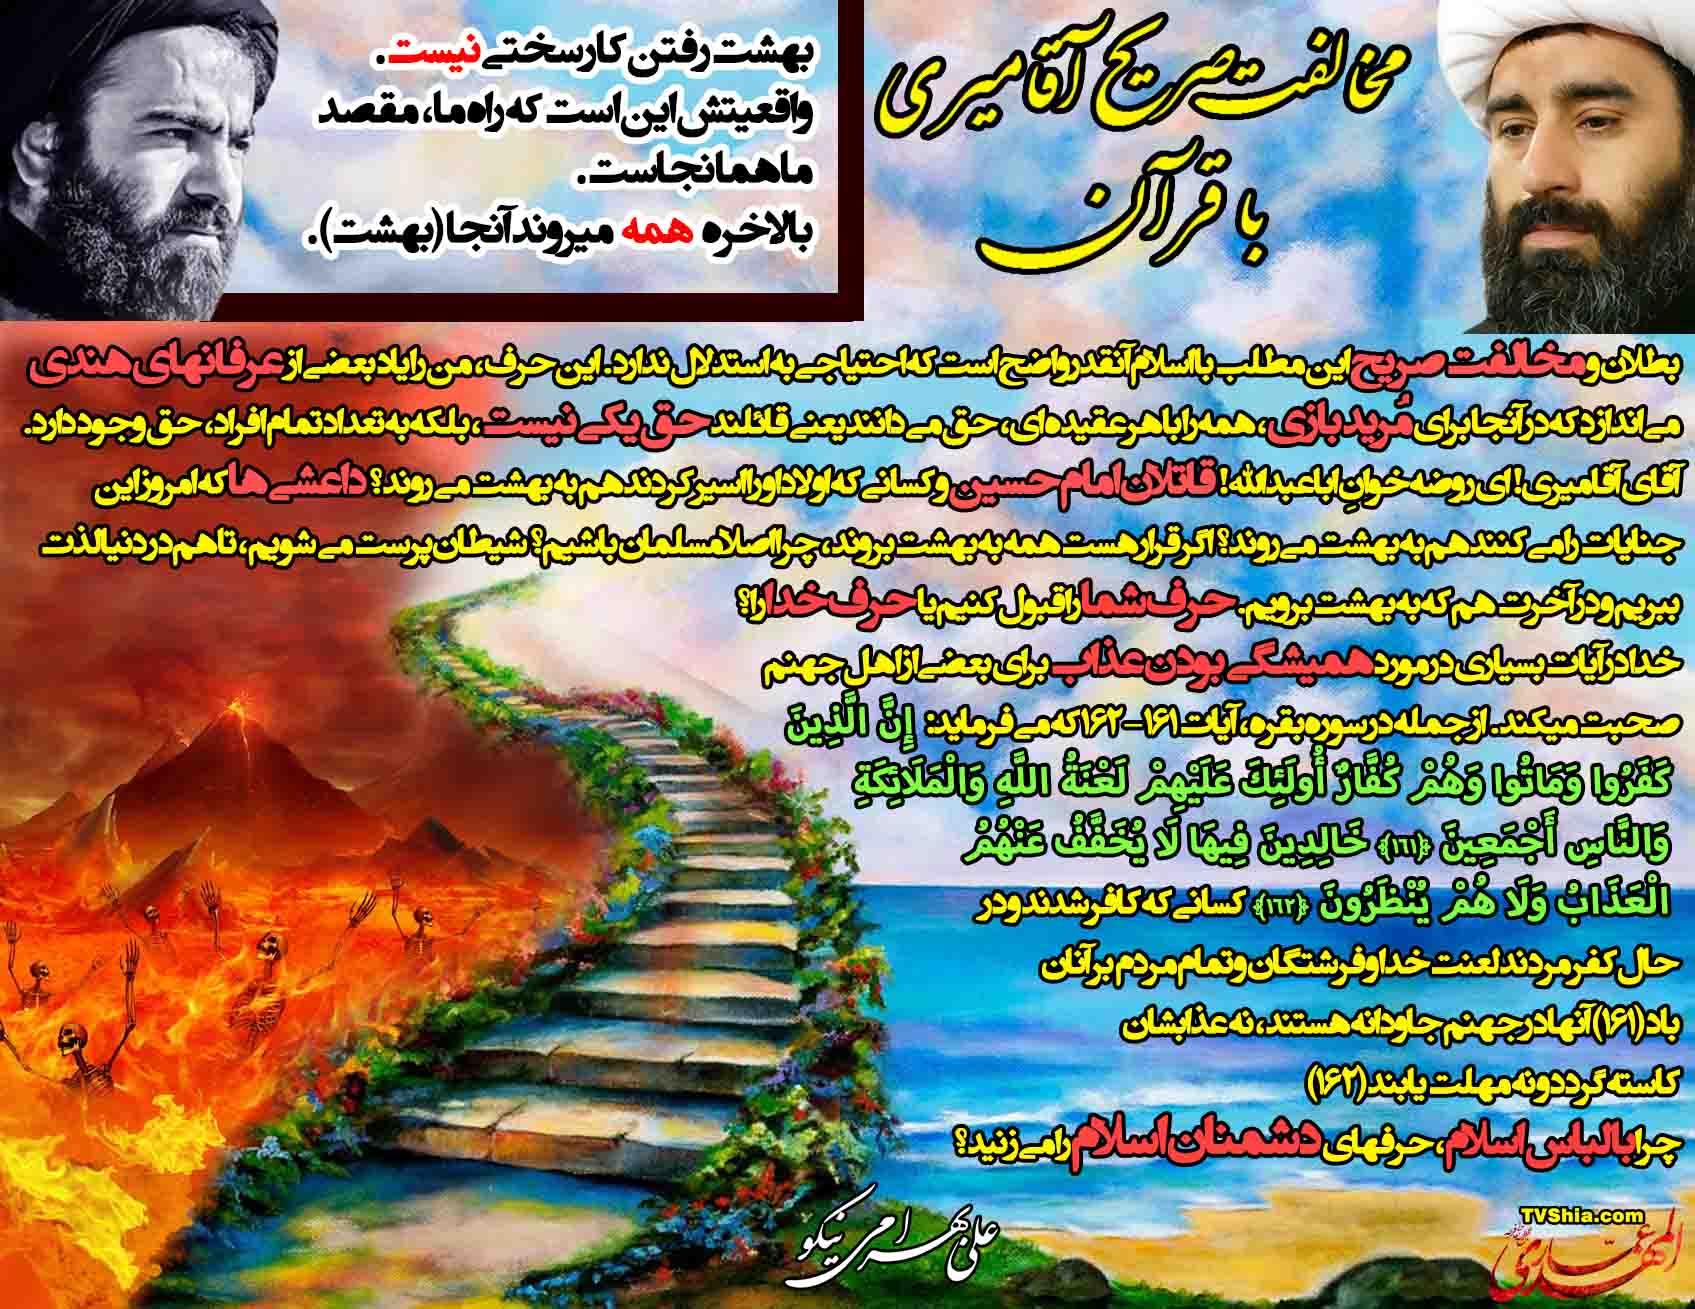 مخالفت صریح آقامیری با قرآن / بهشت رفتن کار سختی نیست